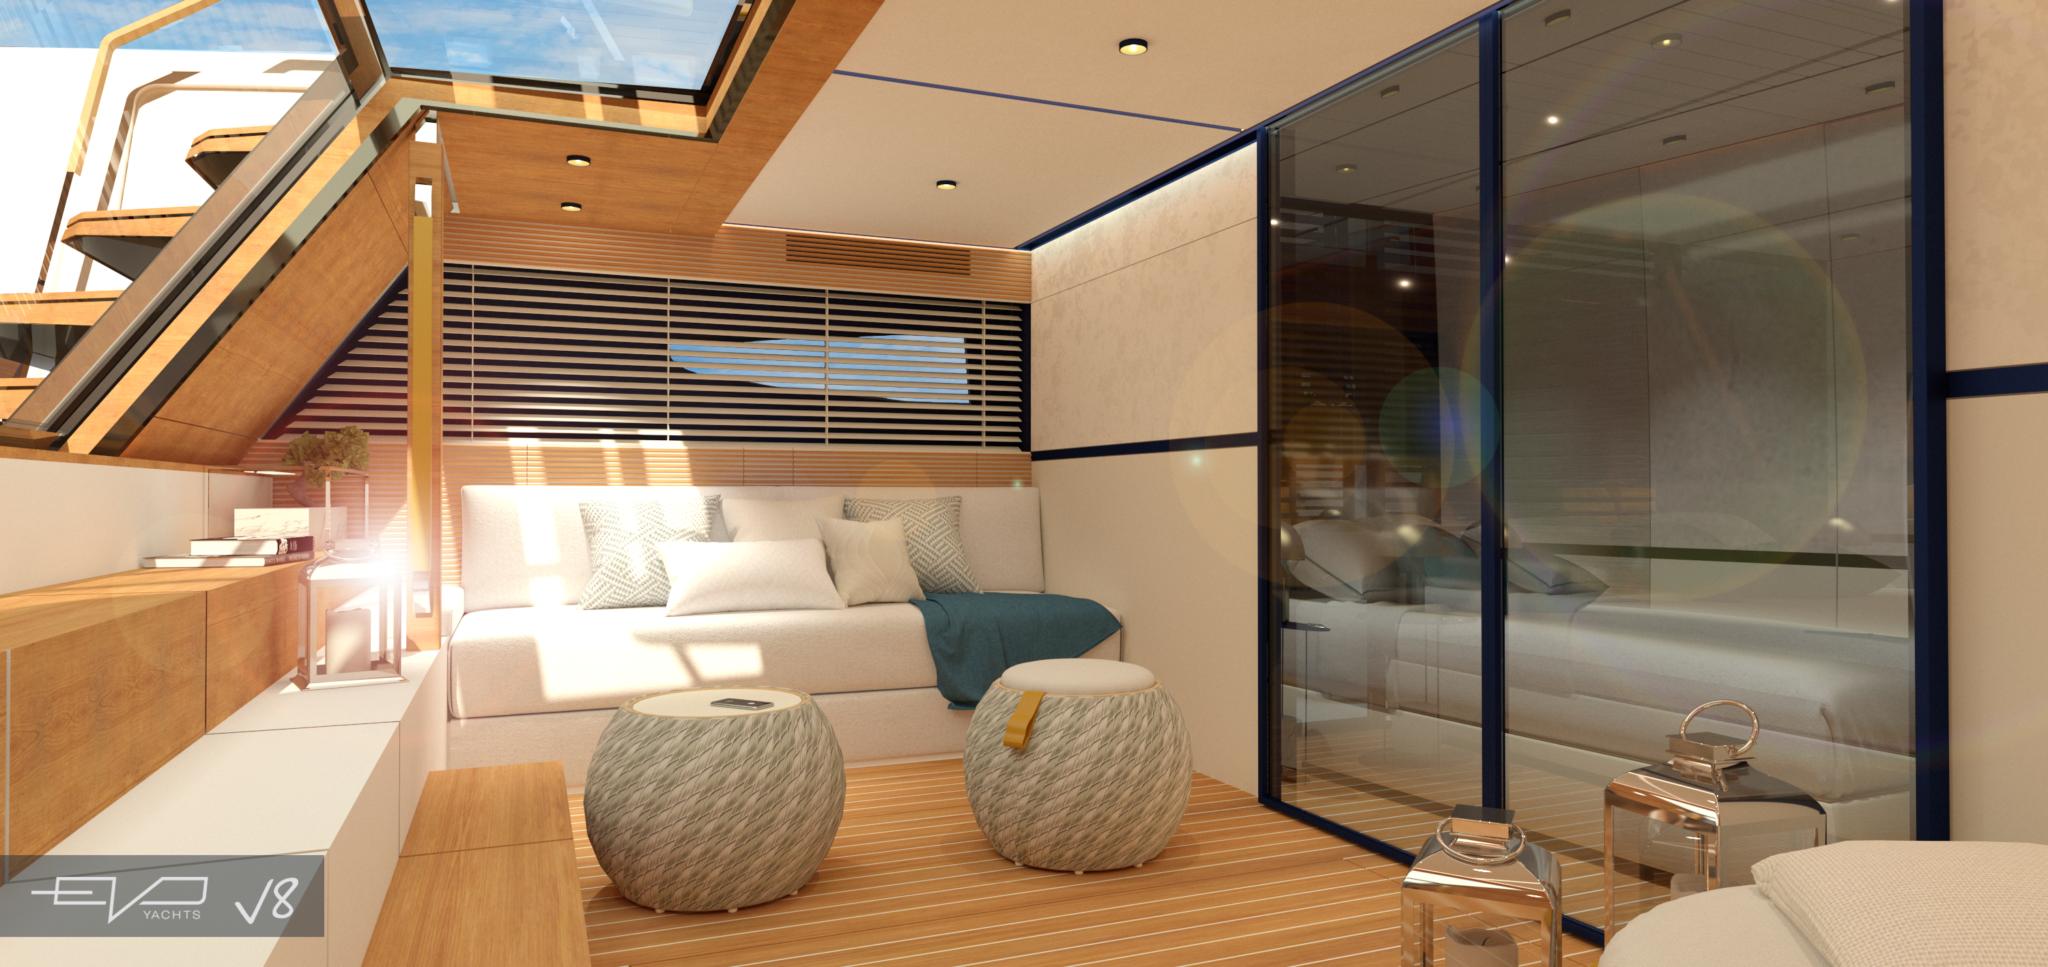 Evo Yachts V8